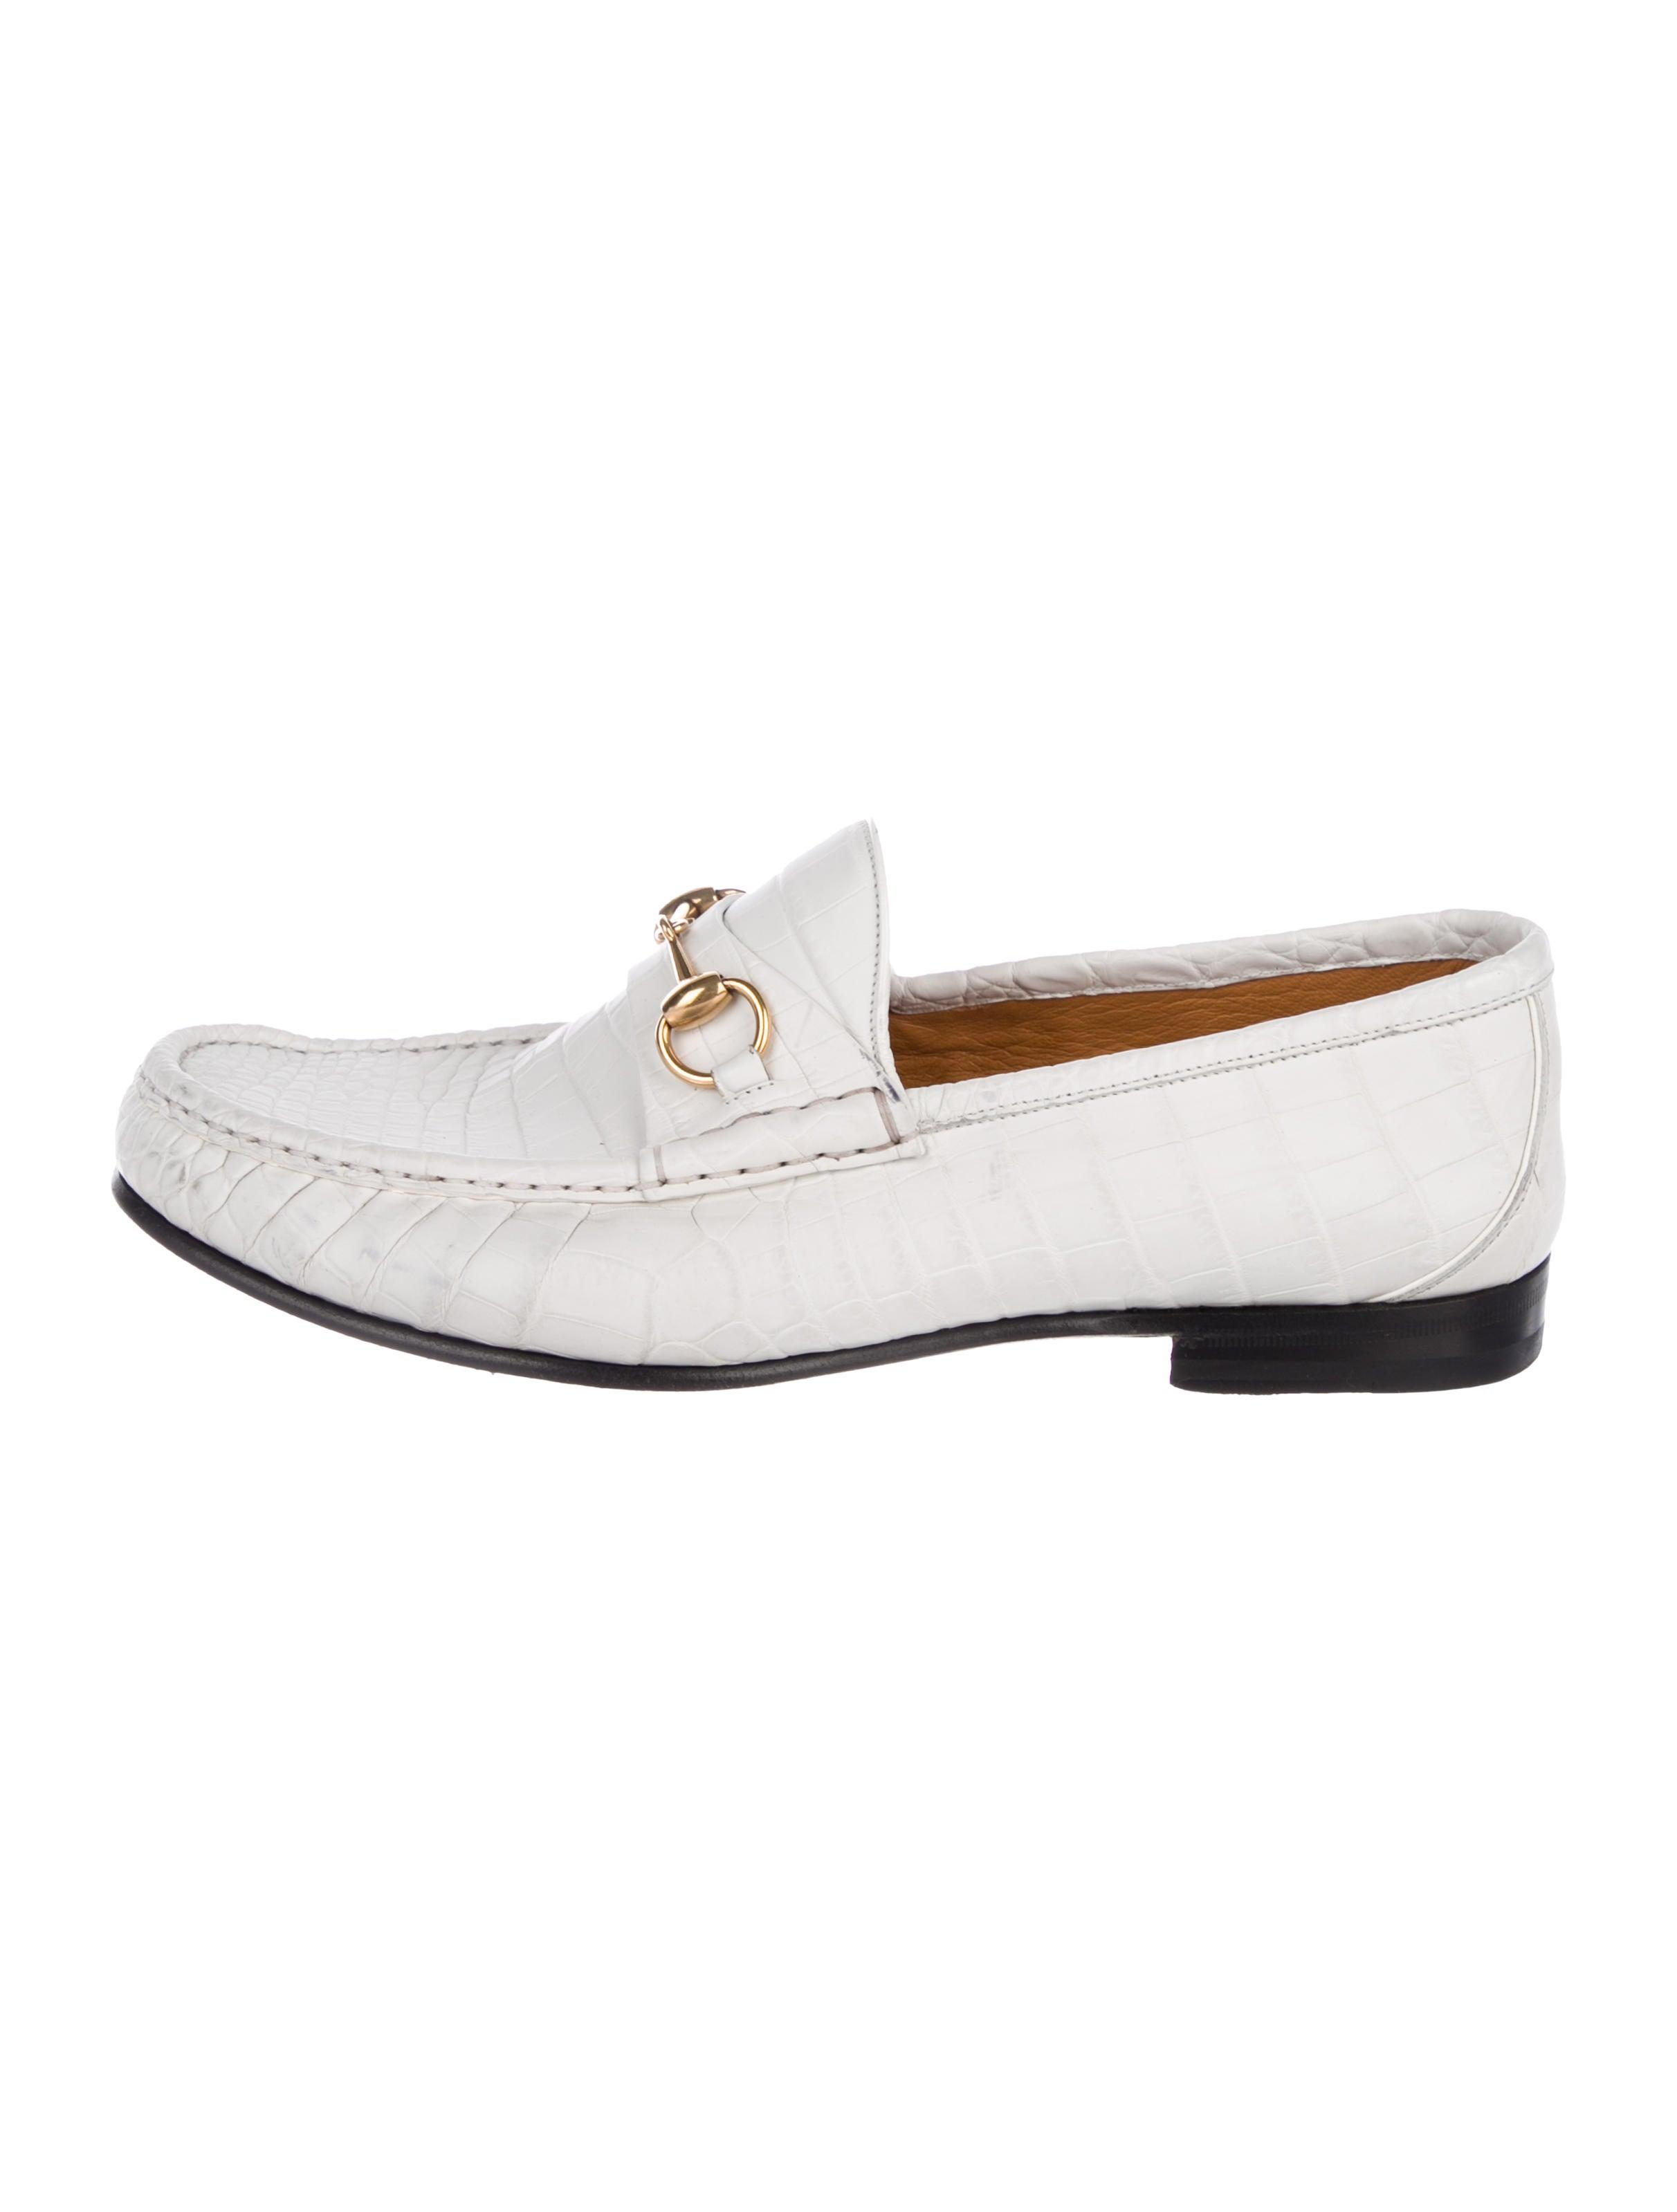 cb8d03c1cf5 Gucci Crocodile Horsebit Loafers - Shoes - GUC245508